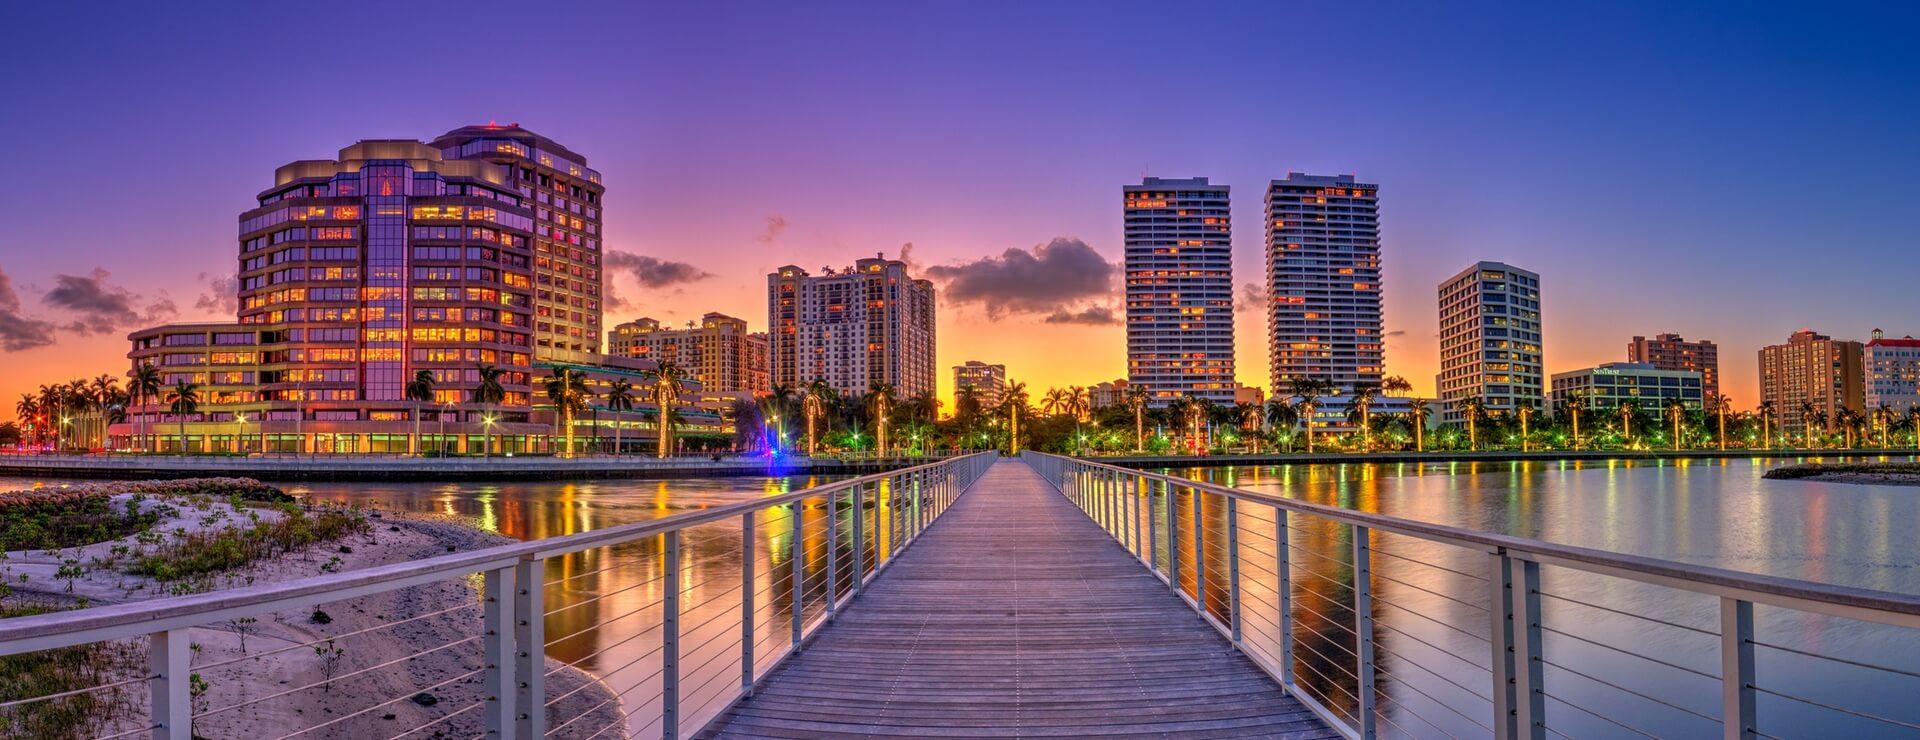 Pontos turísticos em Palm Beach: West Palm Beach